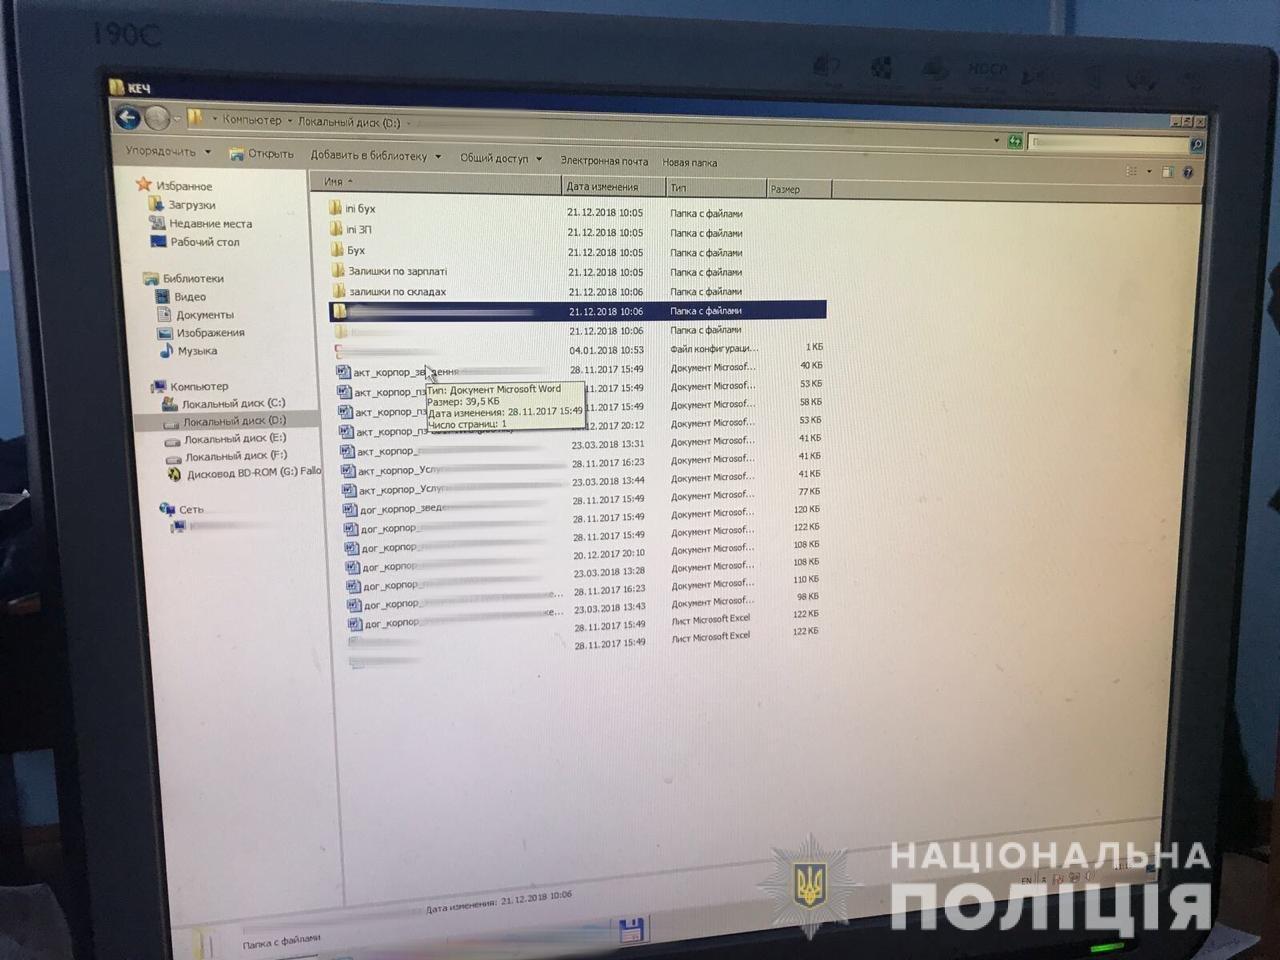 Хмельничанин незаконно втручався у бази даних державних установ та накопичував їх, фото-1